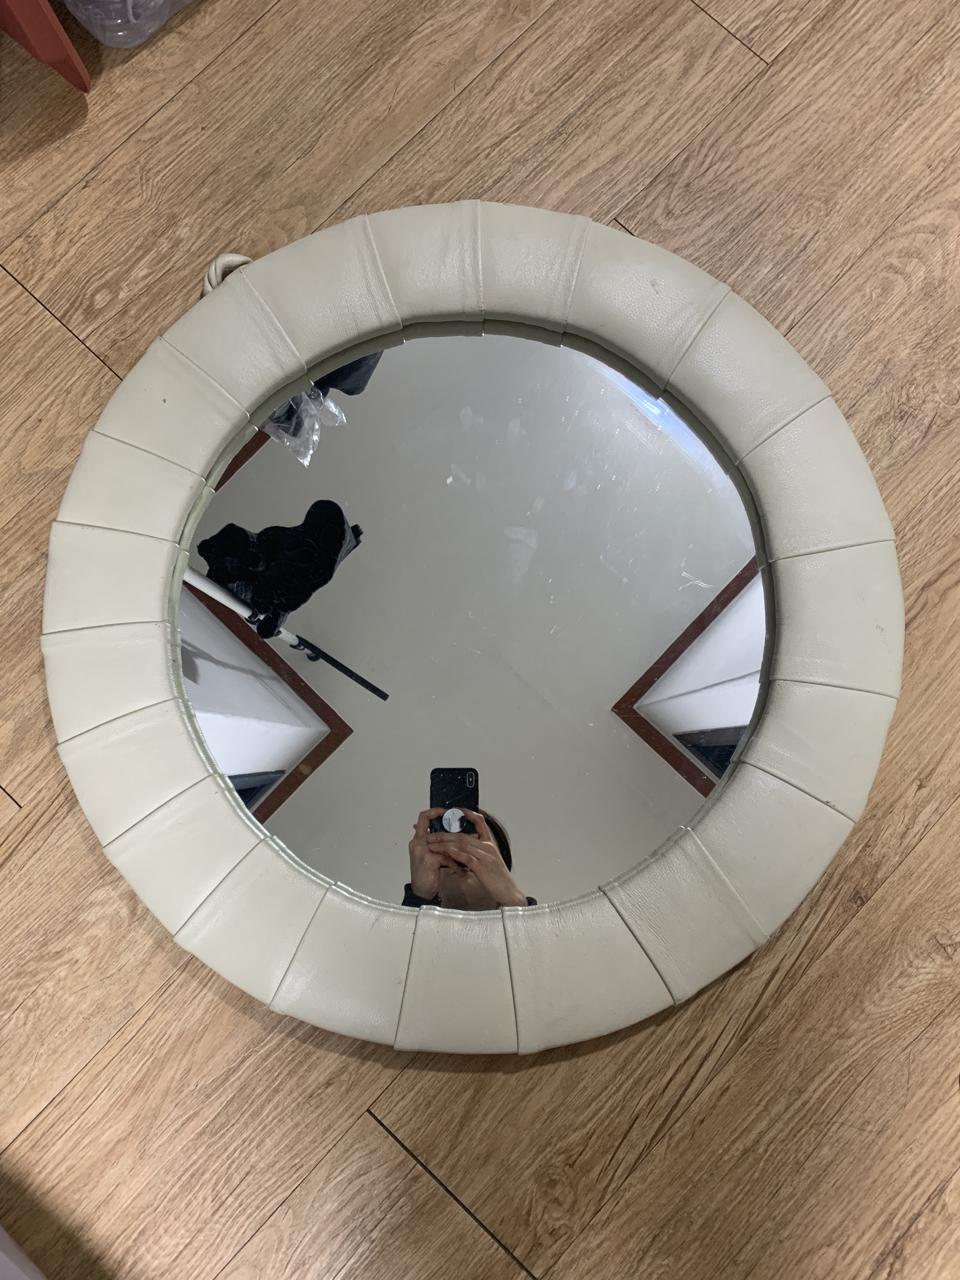 인테리어 포인트용 거울 팔아요.